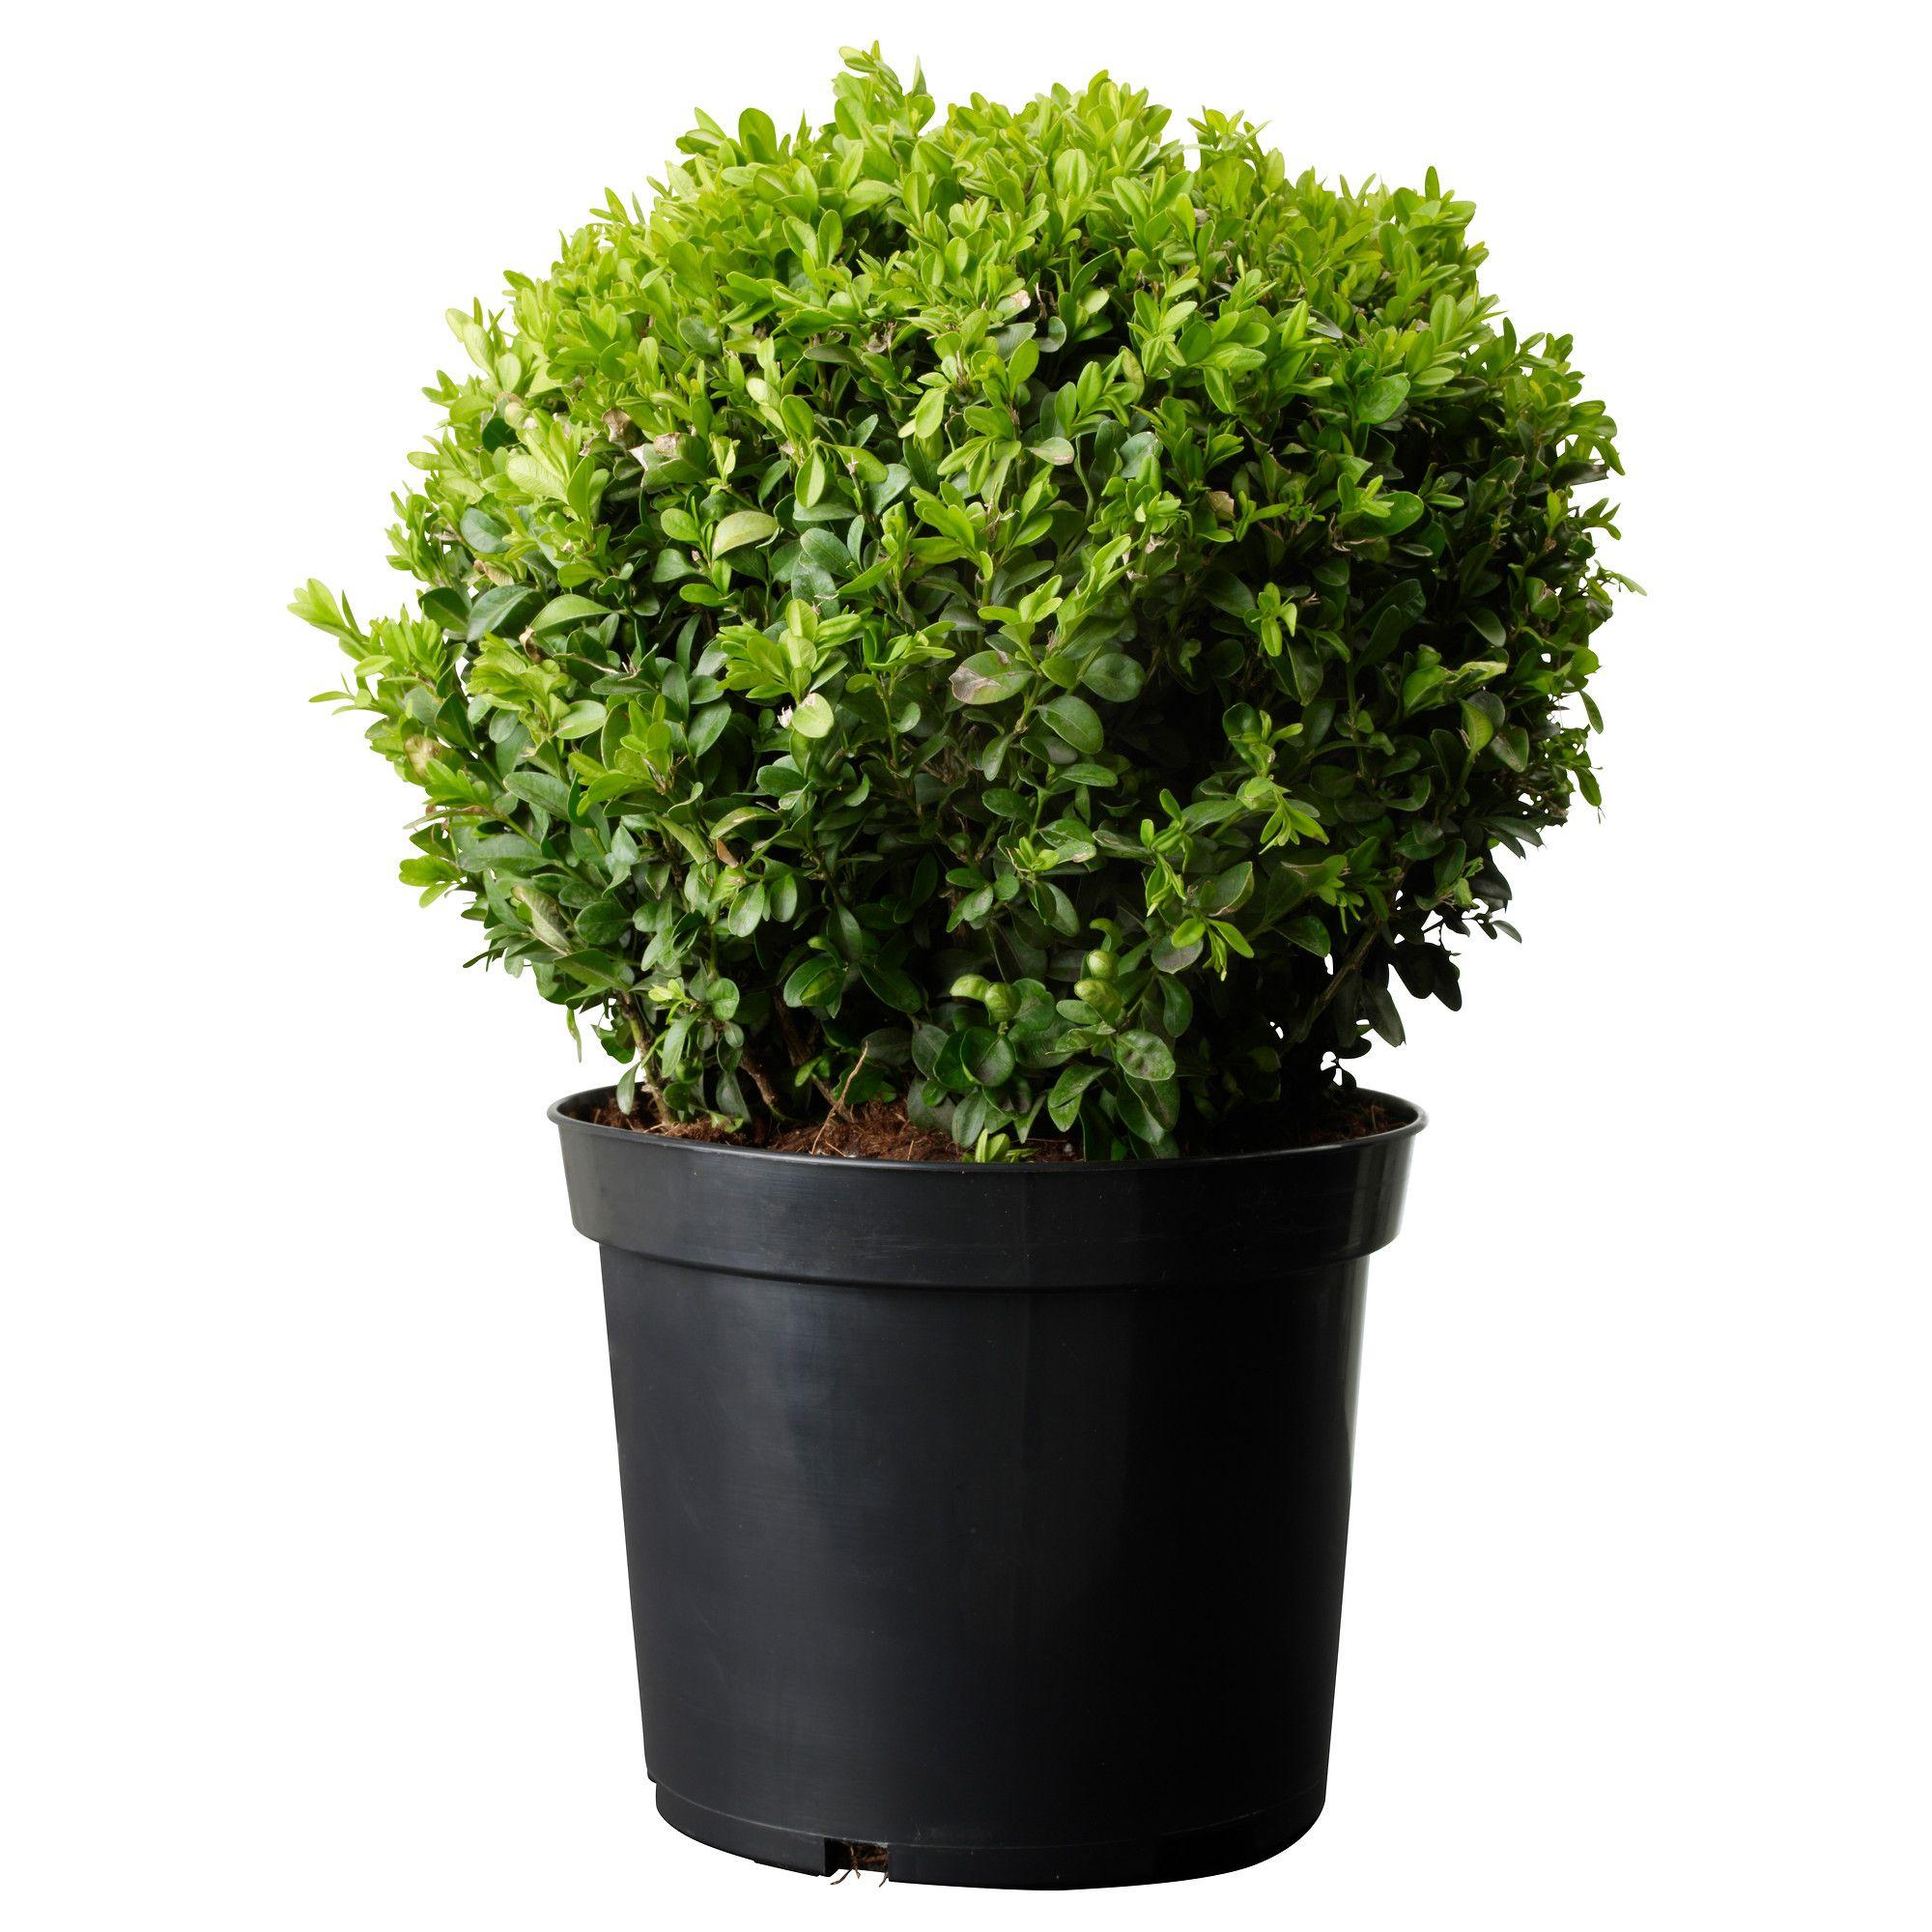 эмбол попадает самшит растение как комнатное отзывы учета заработной